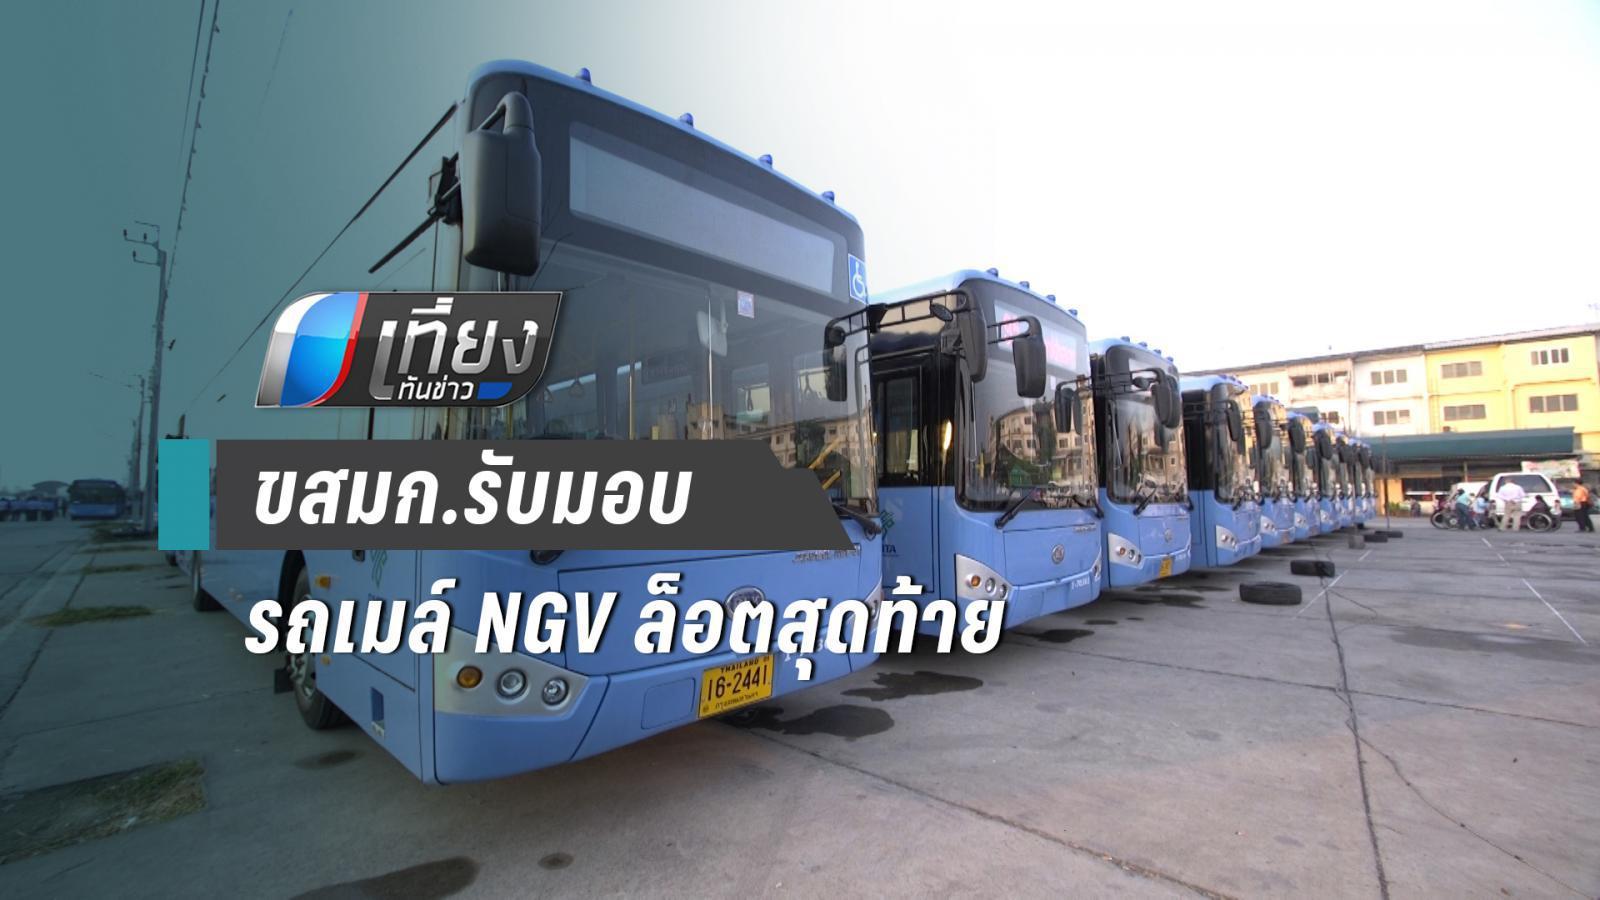 ขสมก.รับมอบรถเมล์ NGV ล็อตสุดท้าย ให้บริการปชช.13 มี.ค.นี้